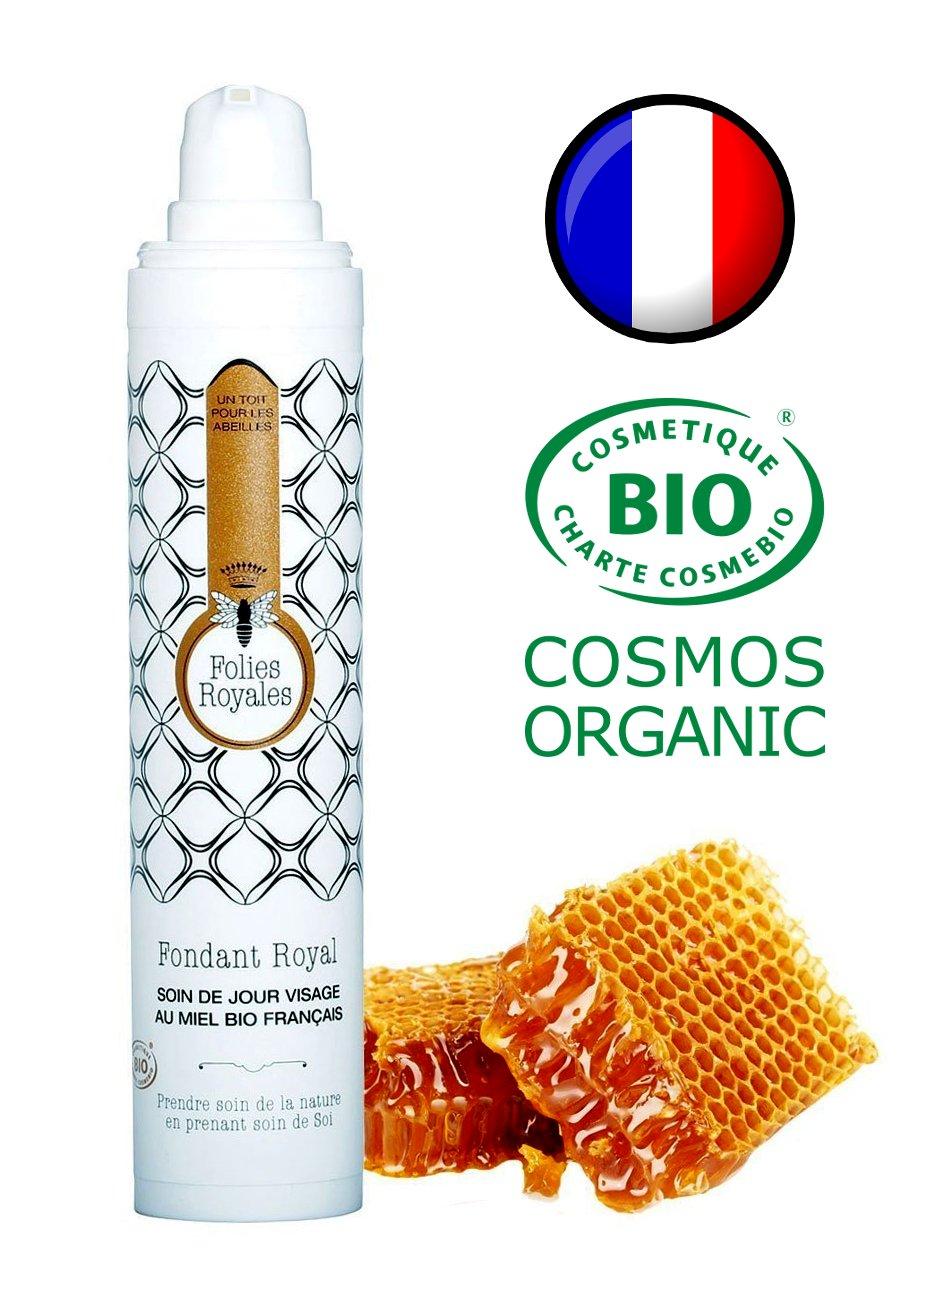 Crème de Jour Hydratante Bio - Soin Visage Naturel Nourrissant à la Gelée Royale et Miel de Thym - Made in France, Certifié Bio - 50 ml product image